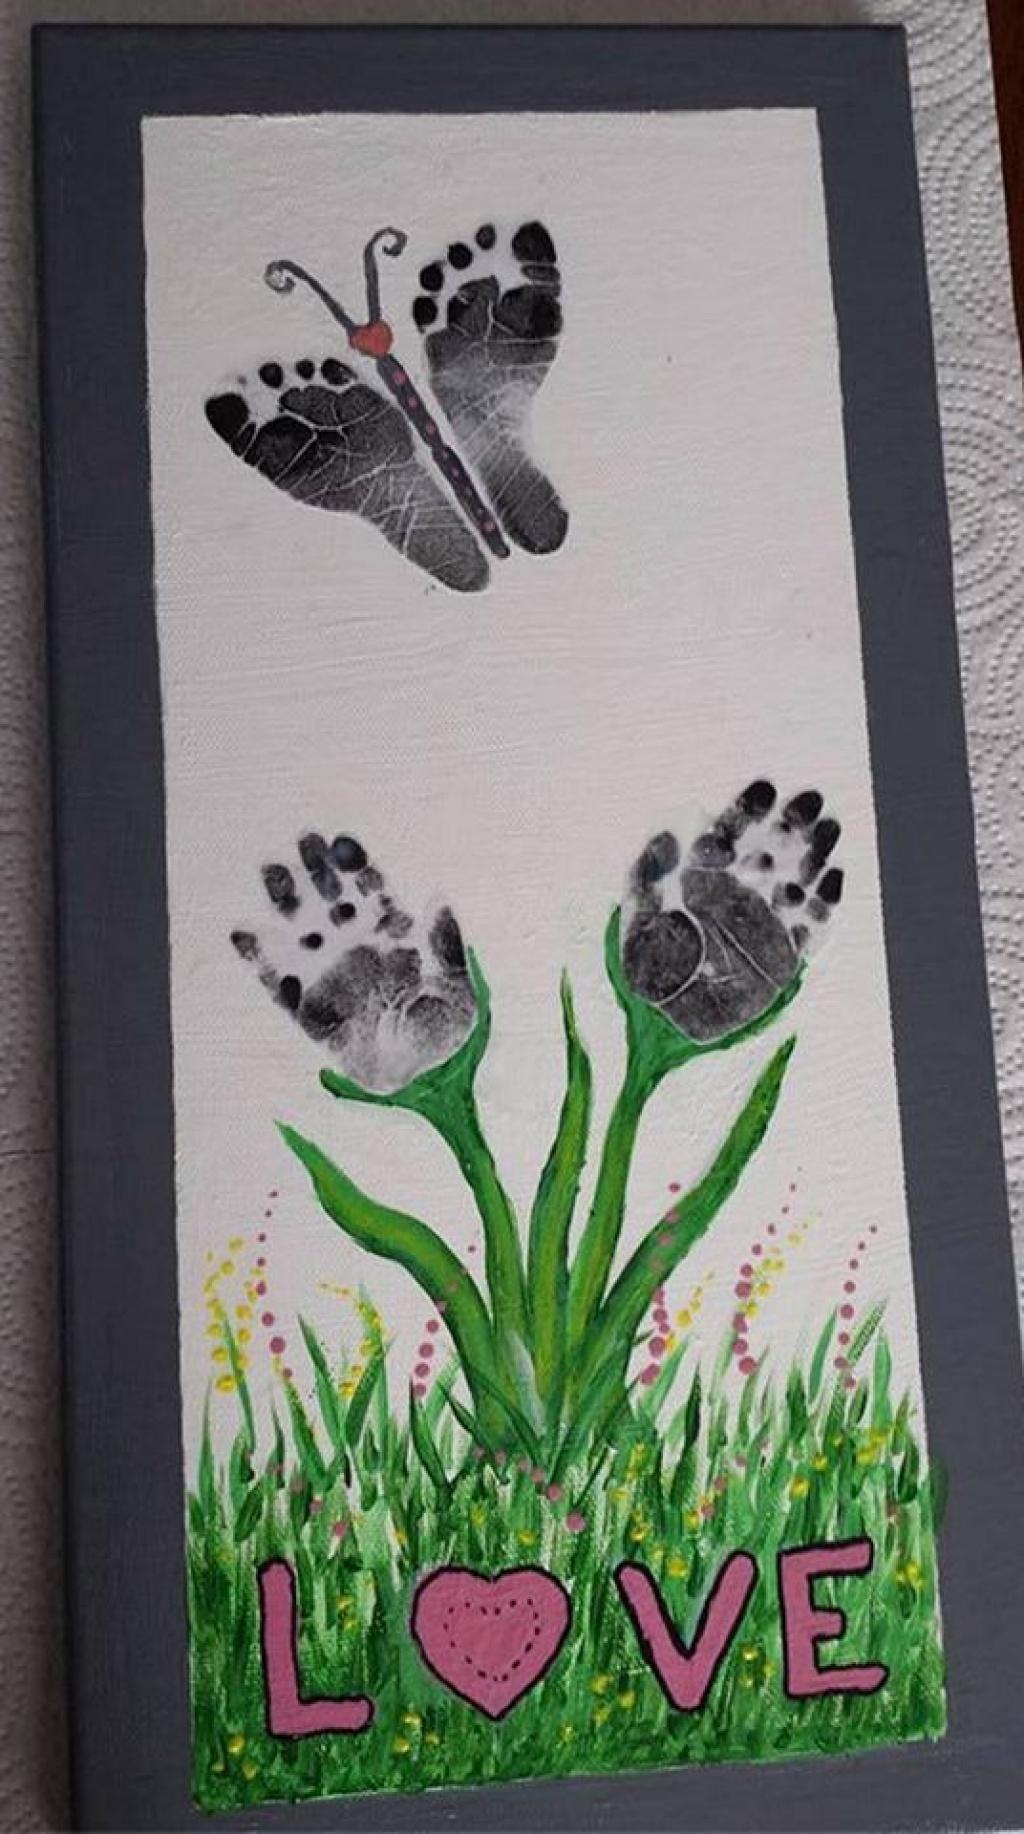 Avec les pieds et les mains